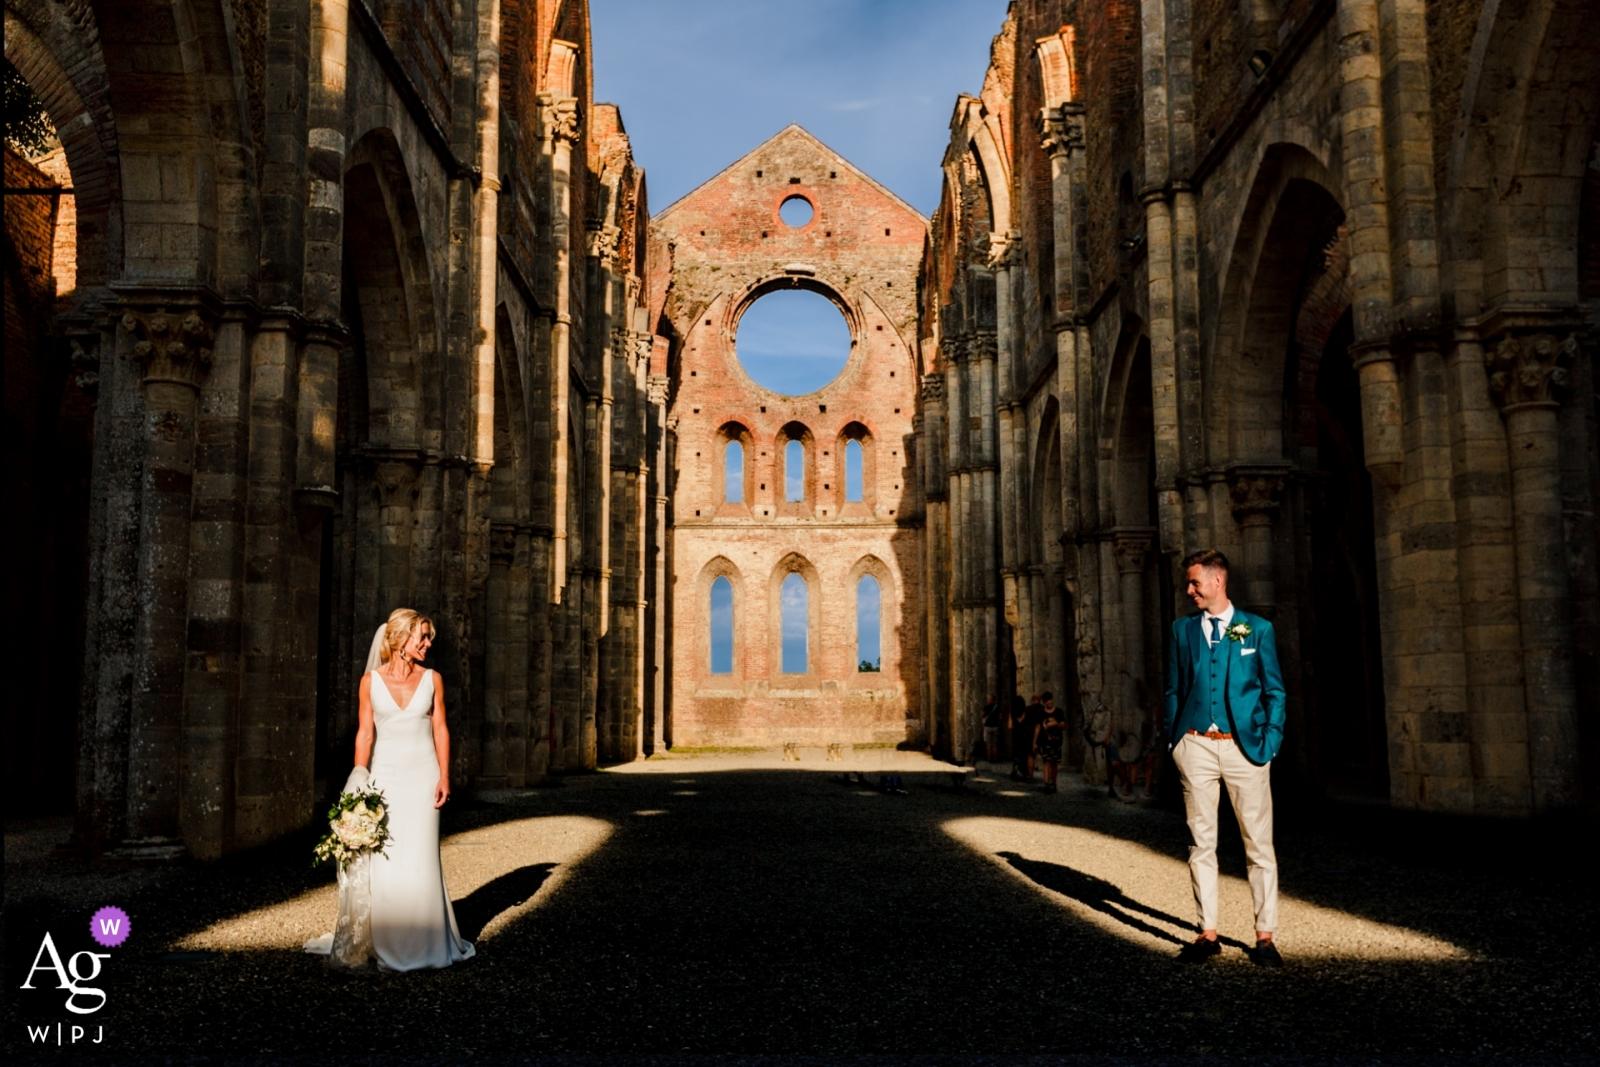 Hochzeitsporträt San Galmo Abbey einer Braut und des Bräutigams